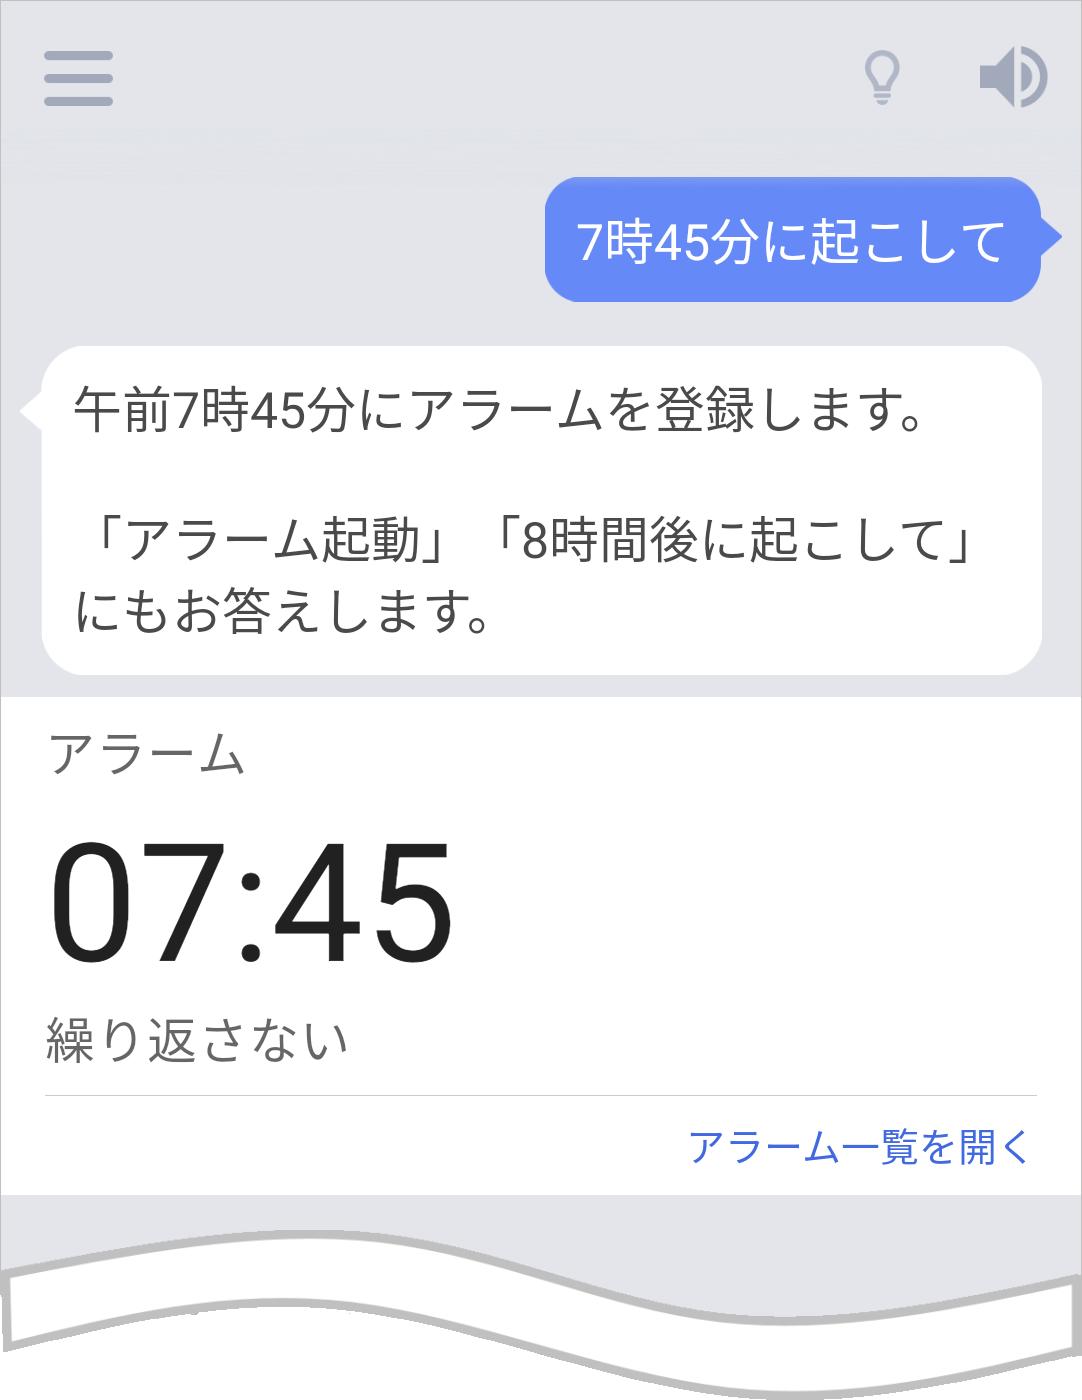 時 起こし 分 に 50 5 て 明日